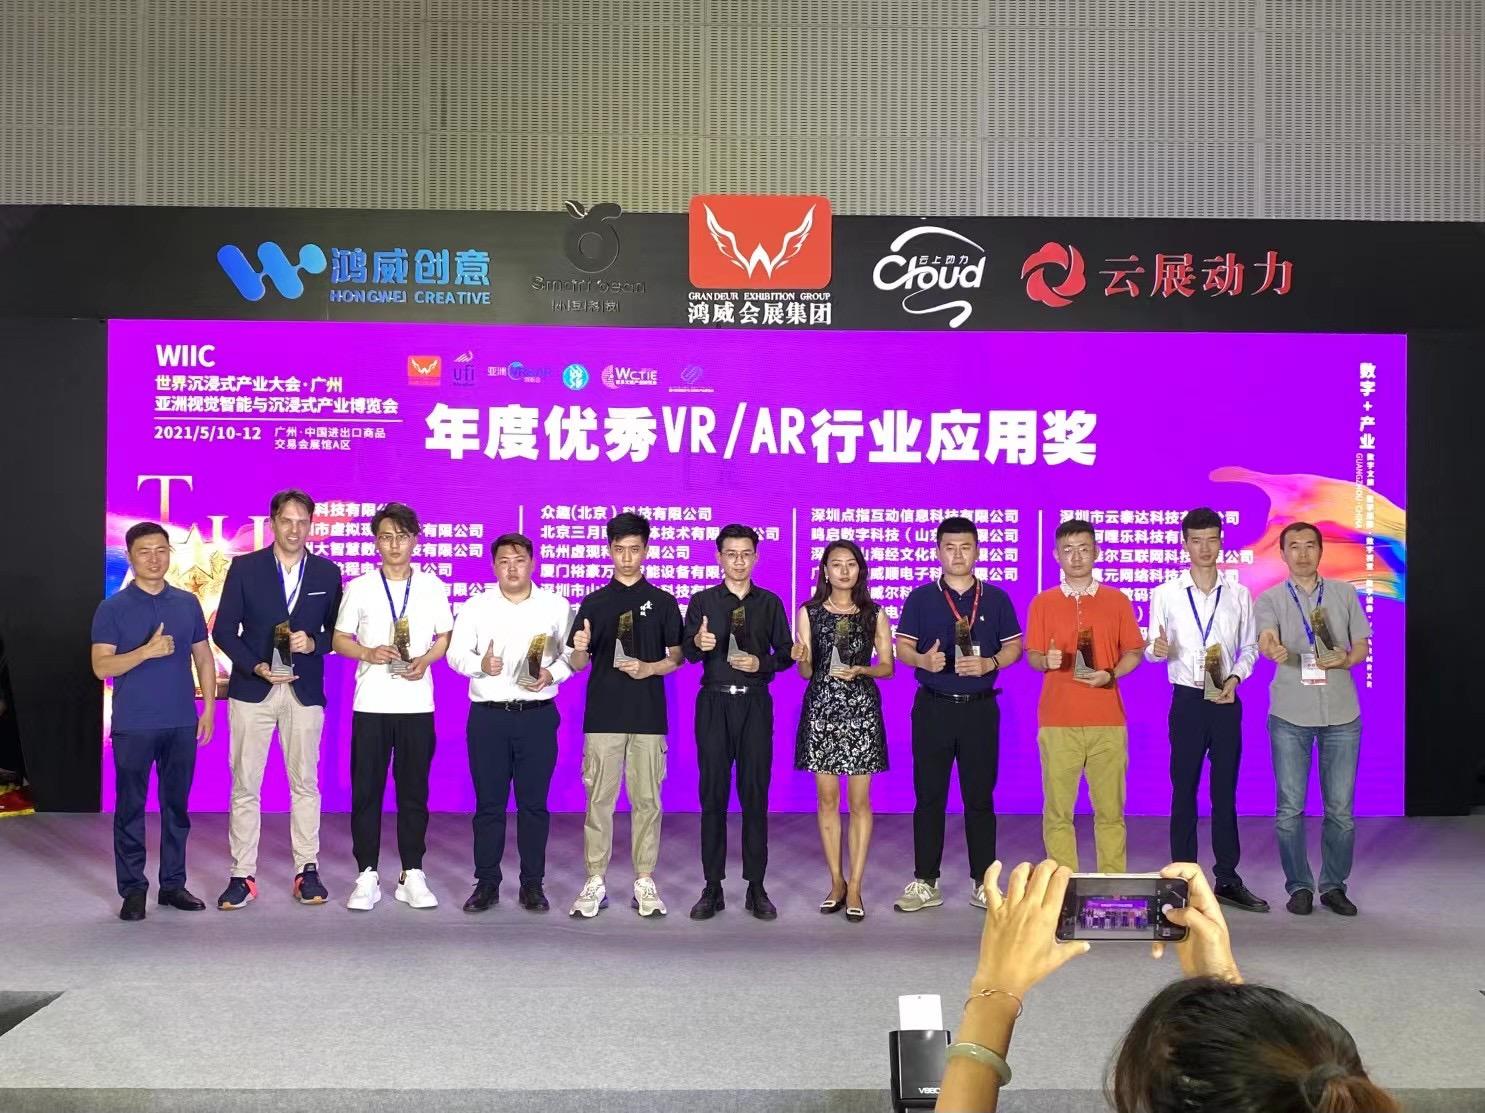 亚洲视觉智能与沉浸式产业博览会